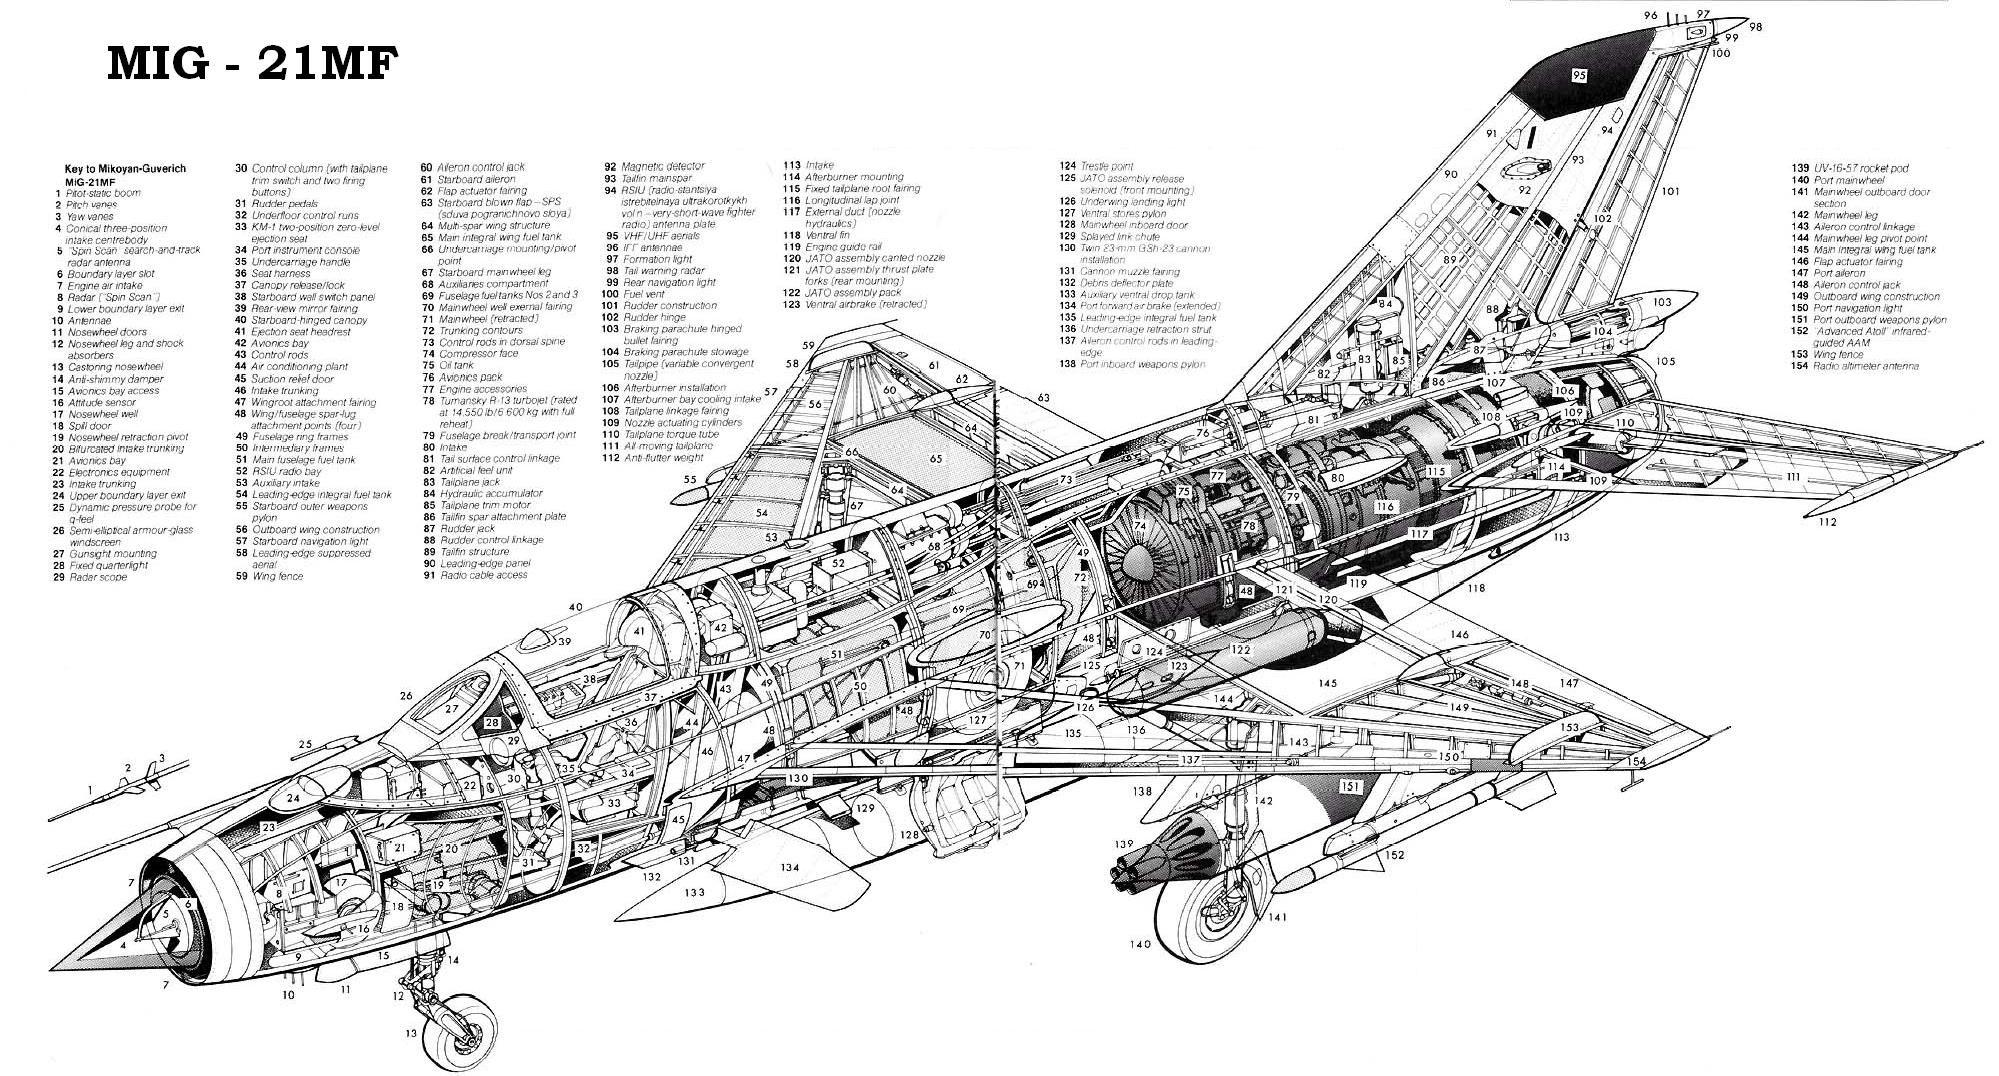 Mig 21 Cutaway